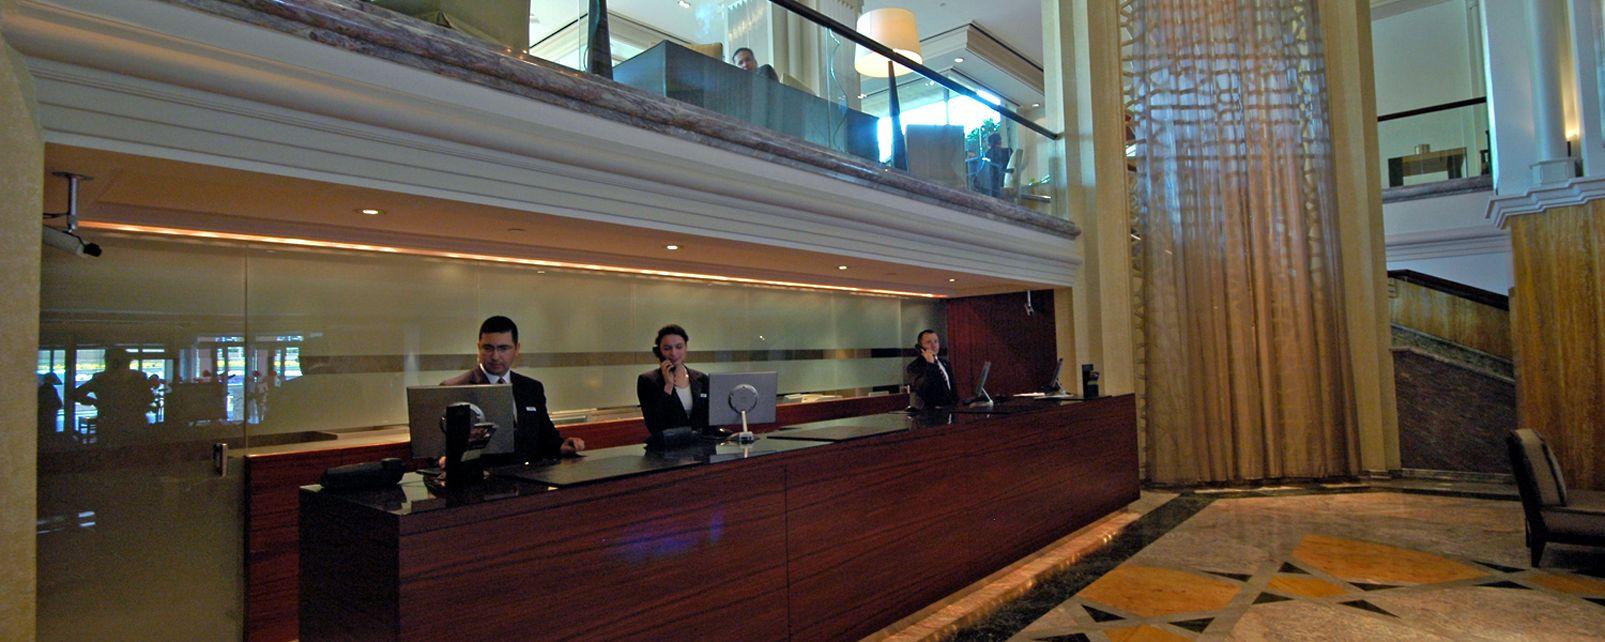 Hôtel Hyatt Regency Istanbul